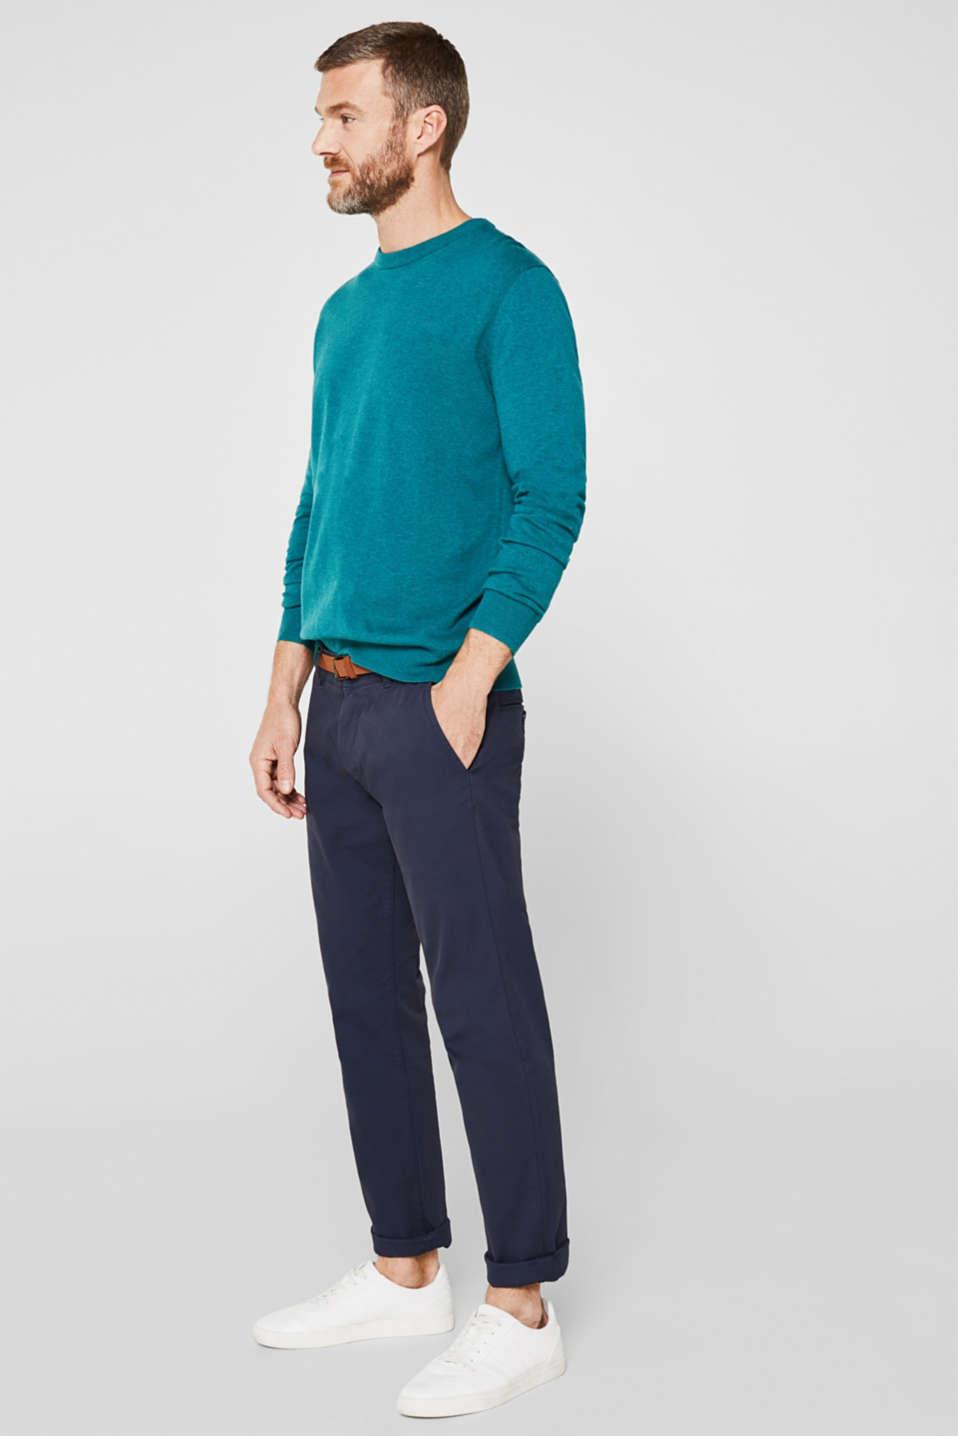 Basic jumper in 100% cotton, TEAL BLUE 5, detail image number 7